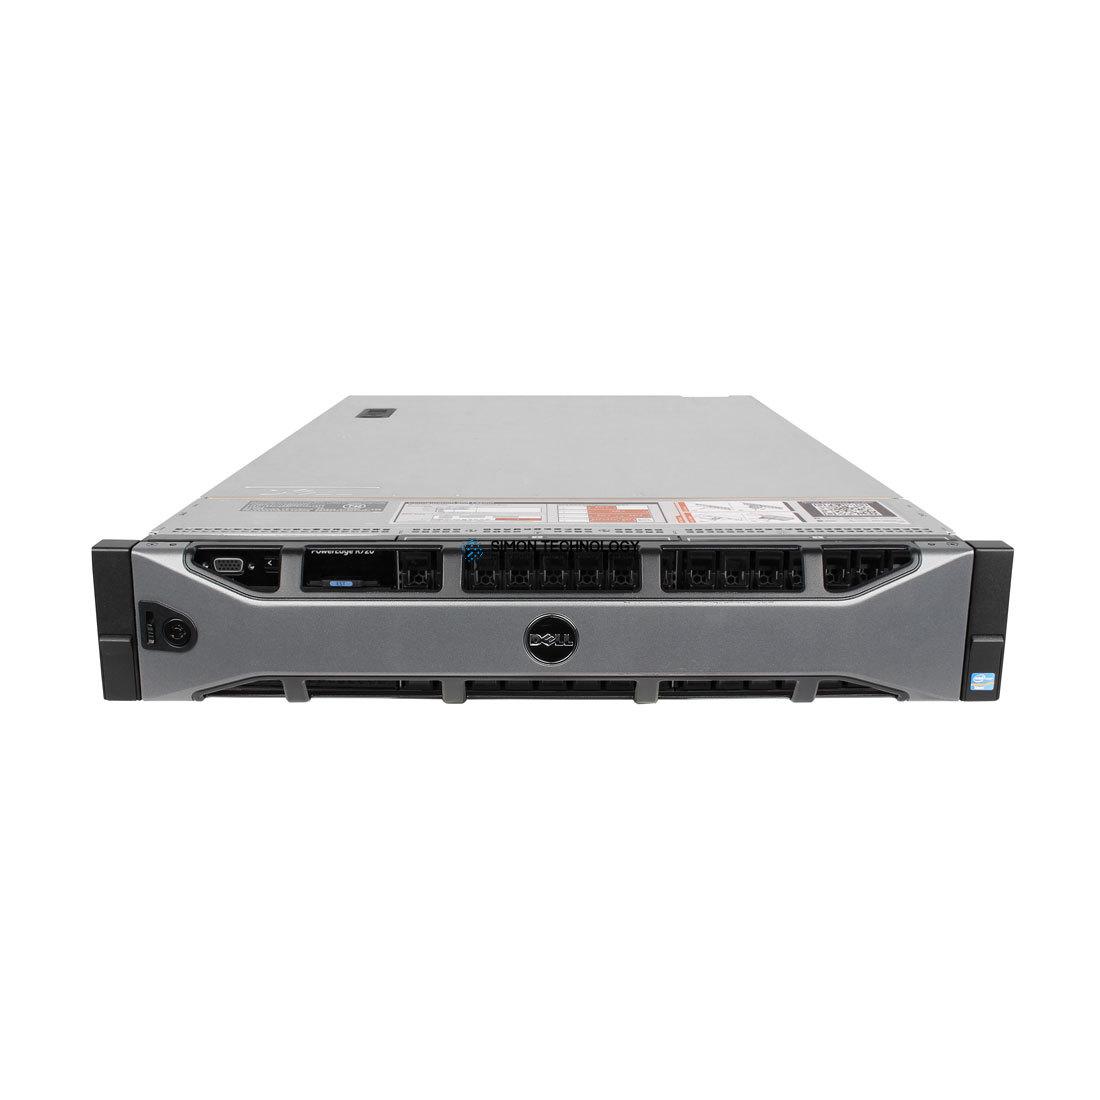 Сервер Dell PER720 CTO H710P MINI 16*SFF IDRAC EXP LICENCE DVD (PER720 EXP 16SFF)